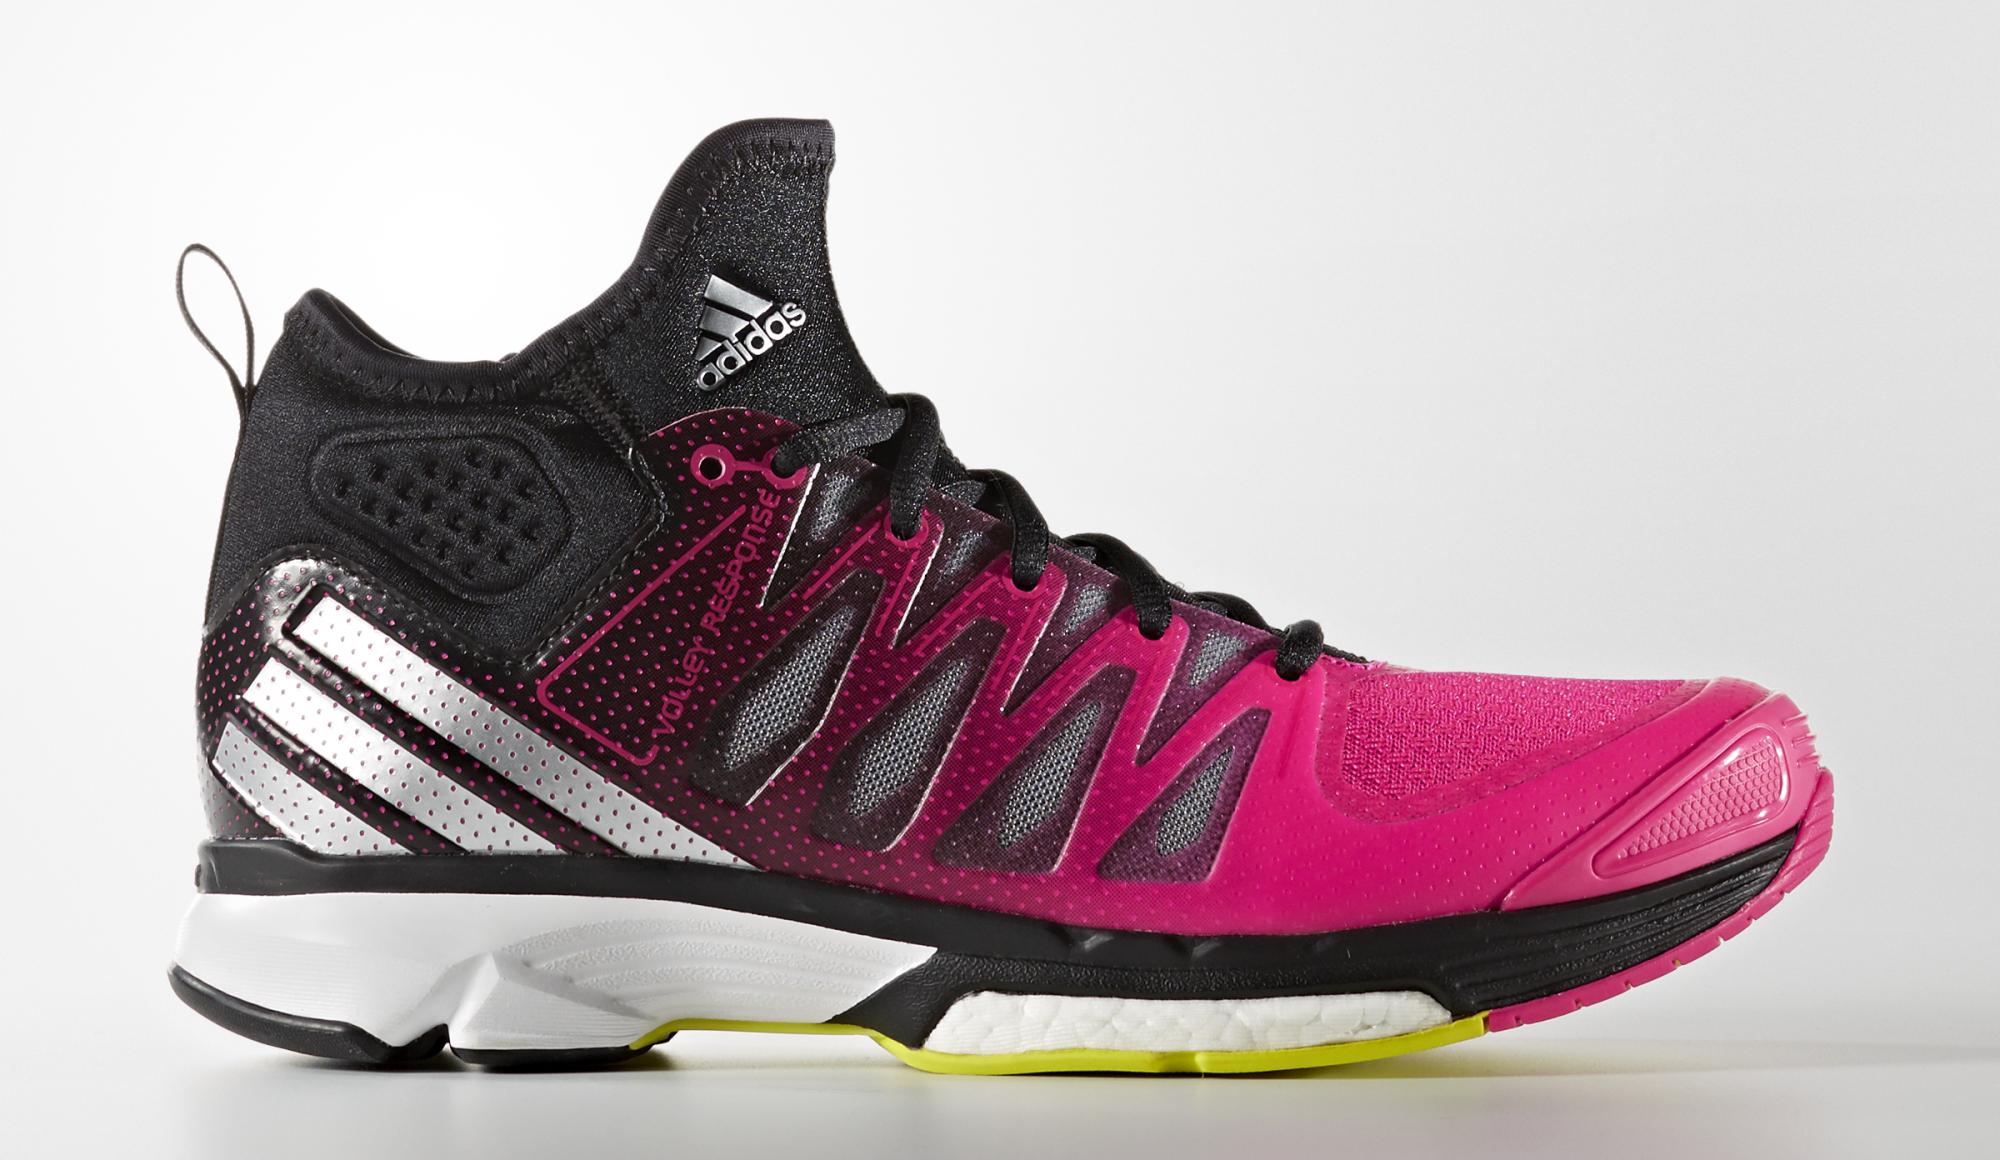 Calzature / Adidas